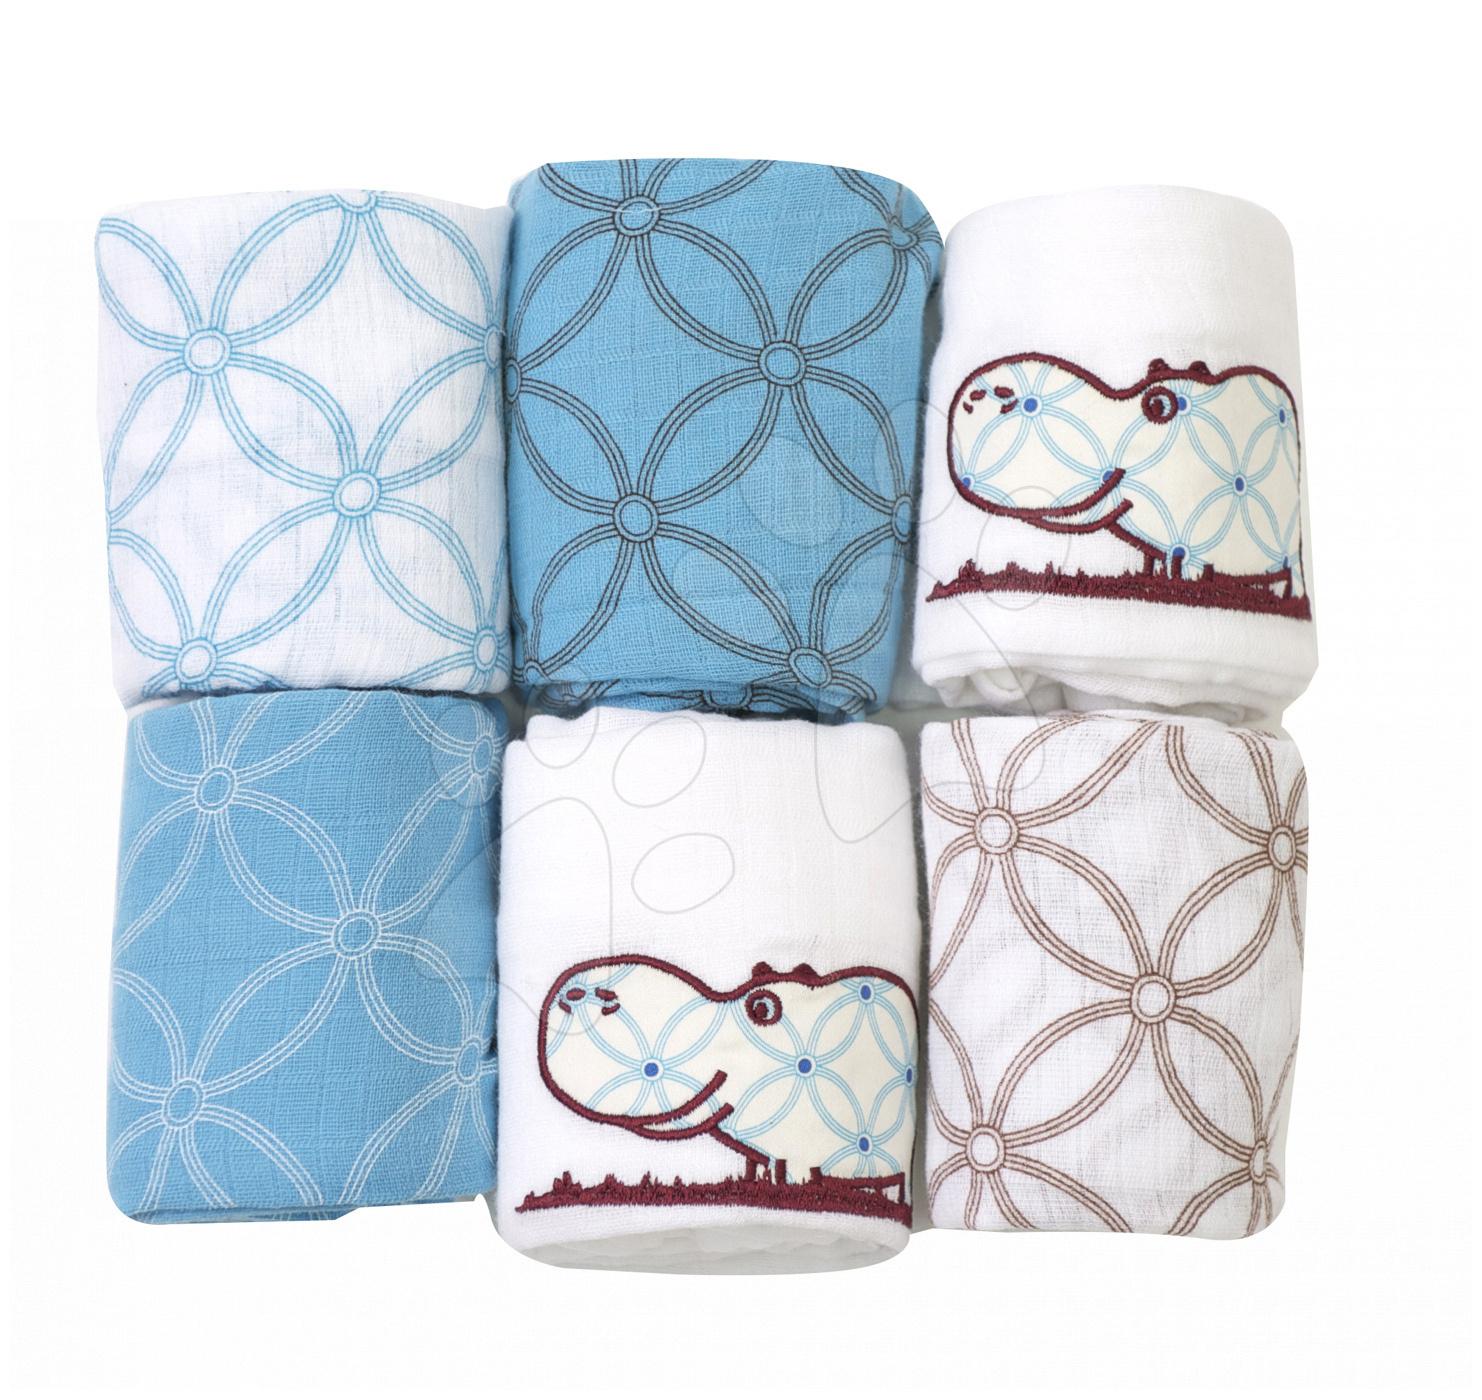 Bavlněné pleny toTs-smarTrike hroch 6 kusů 100% přírodní bavlna modré